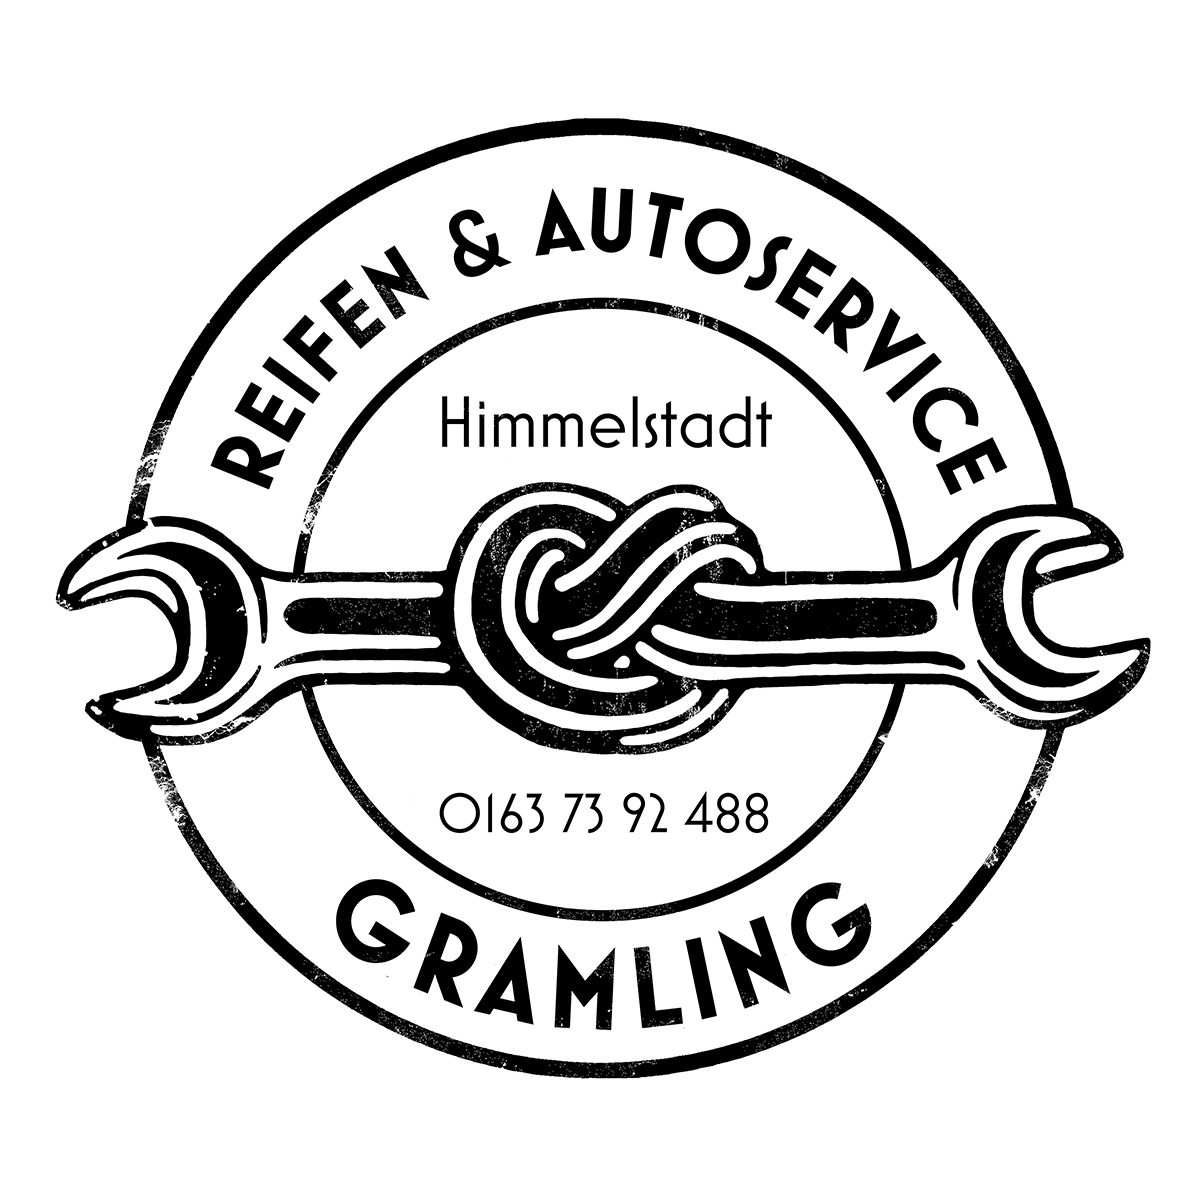 Bild zu Reifen & Autoservice Gramling in Himmelstadt